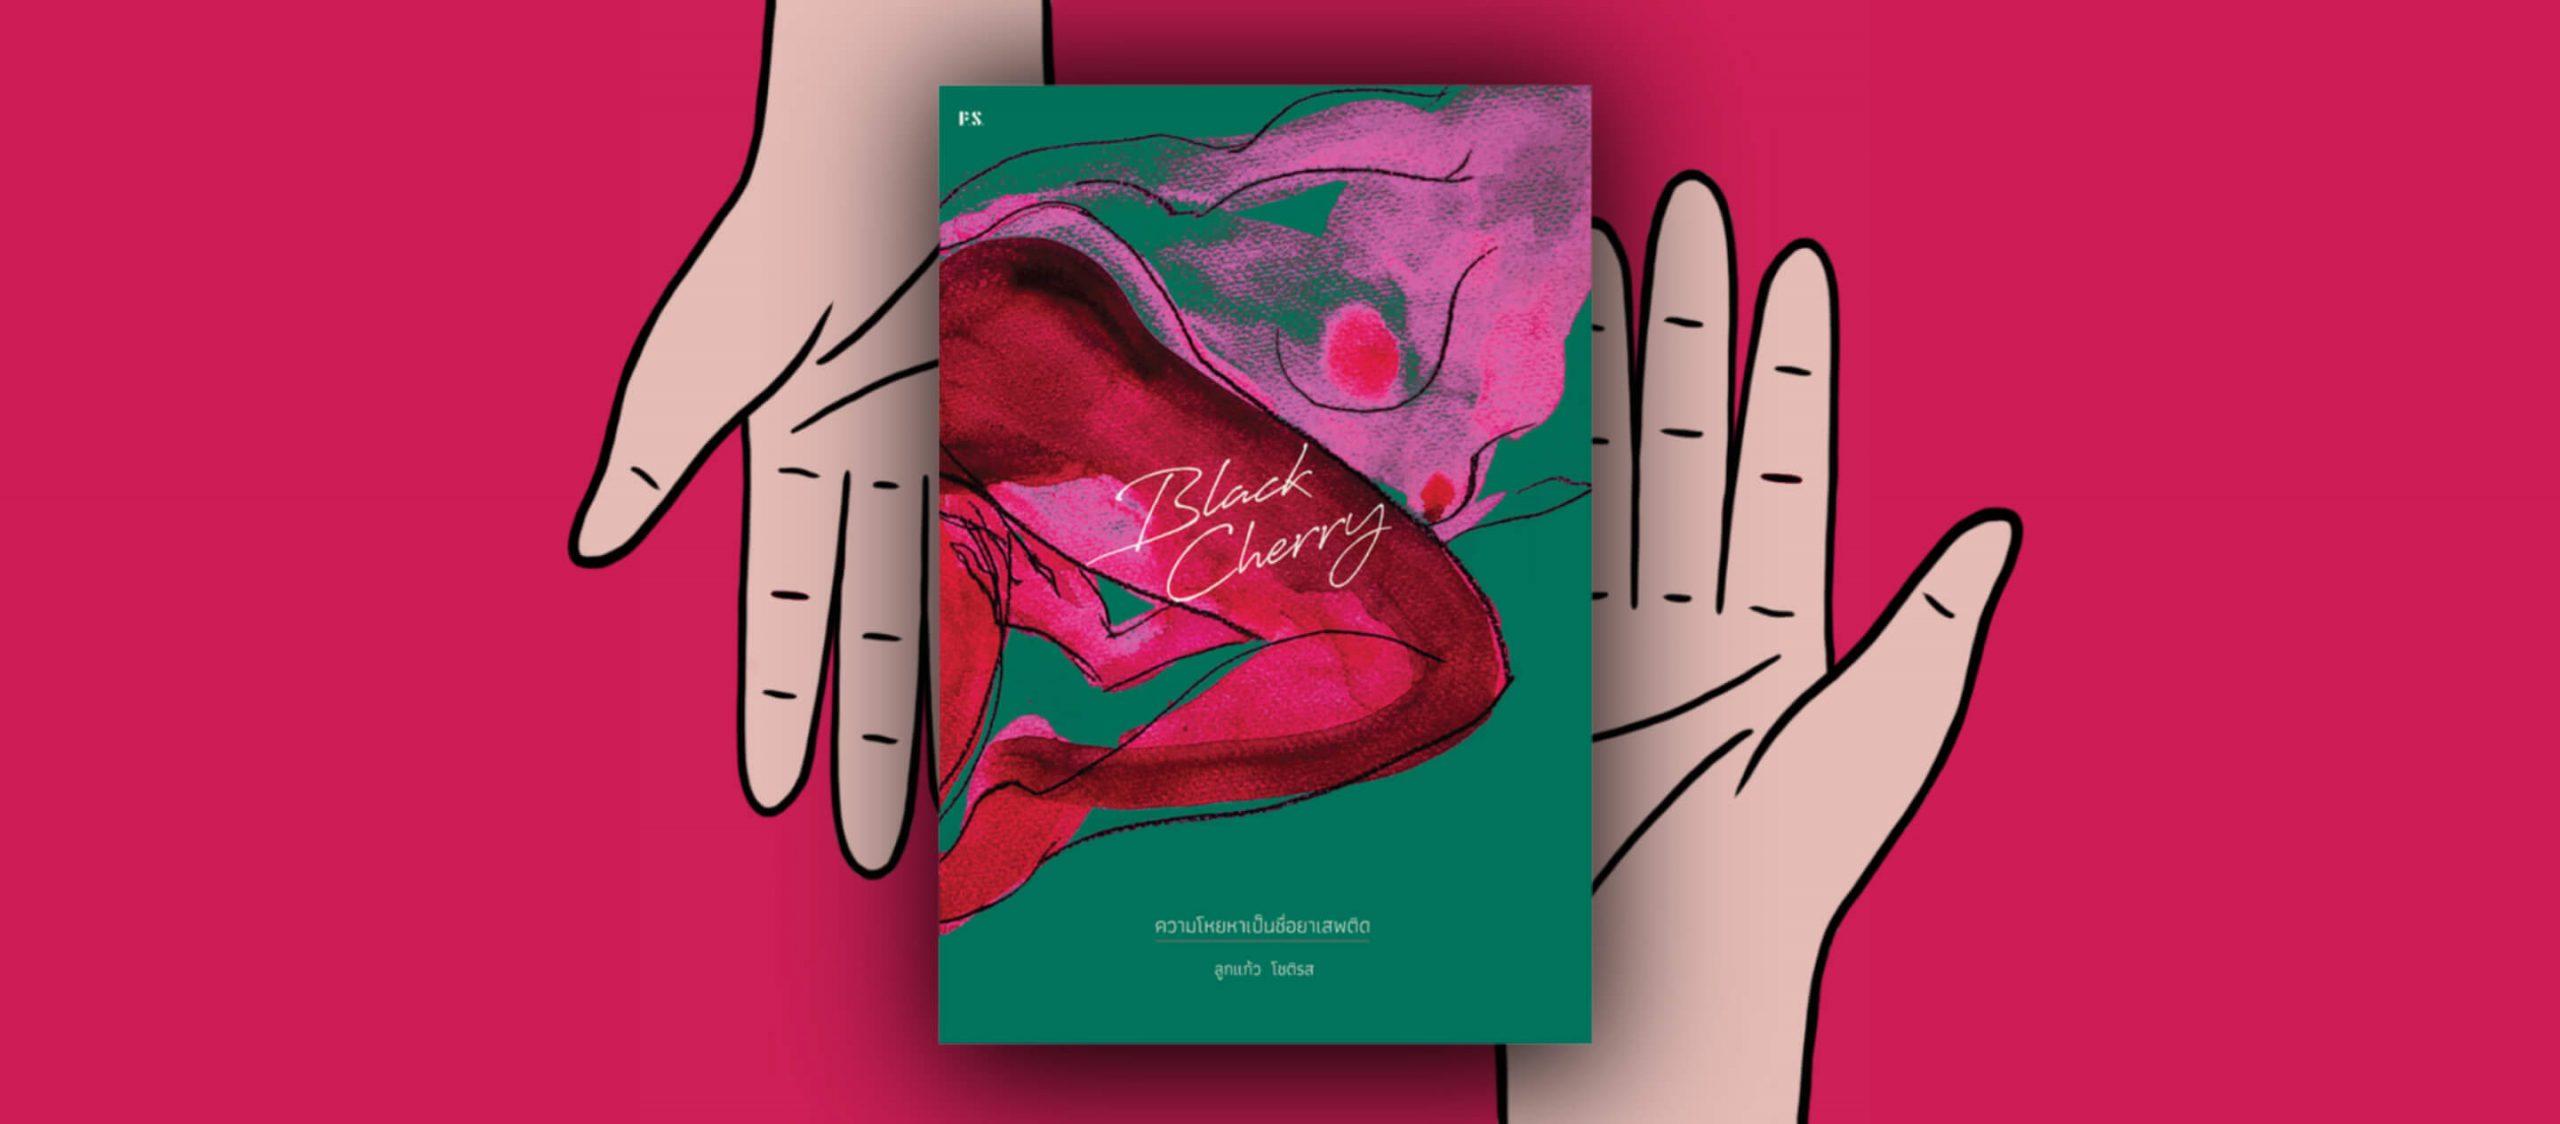 Black Cherry หนังสือเปิดเปลือยความเจ็บปวดที่ผู้หญิงต้องเผชิญ